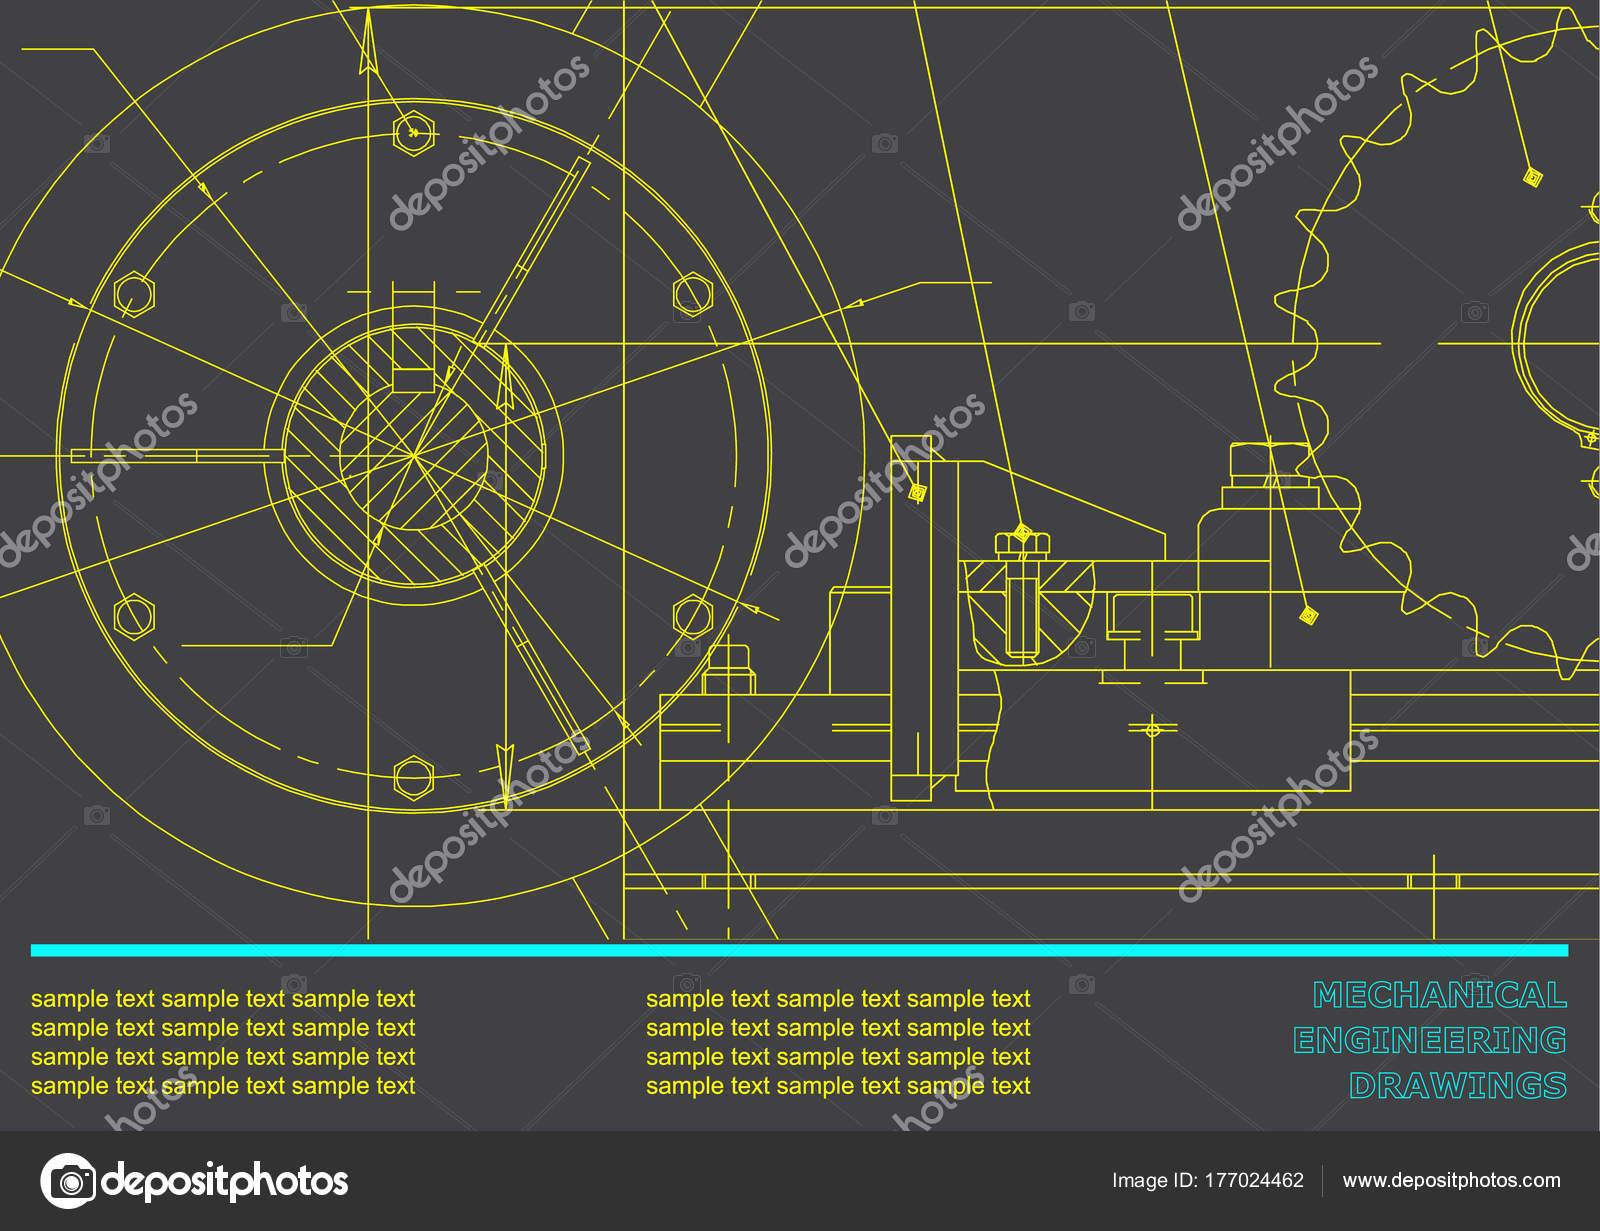 zeichenprogramm für technische zeichnungen